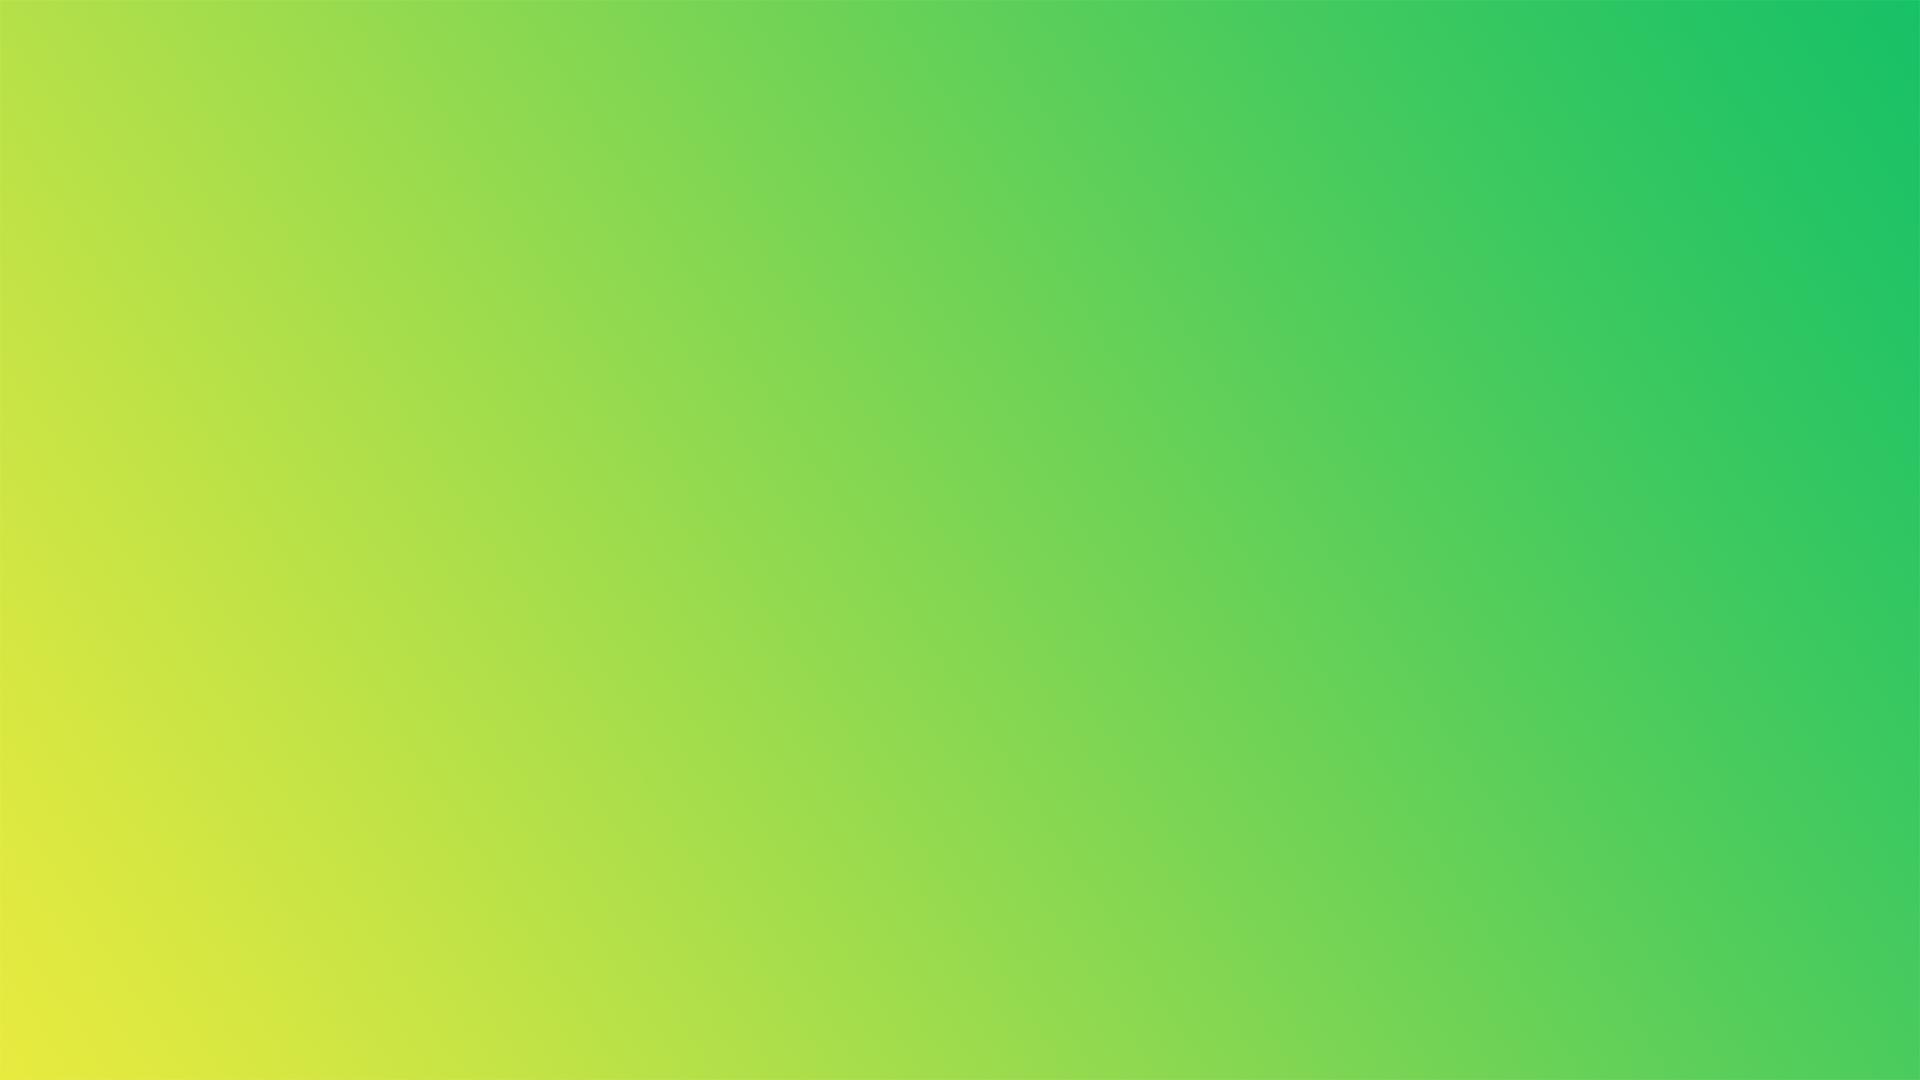 d-velop-hintergrund-poison